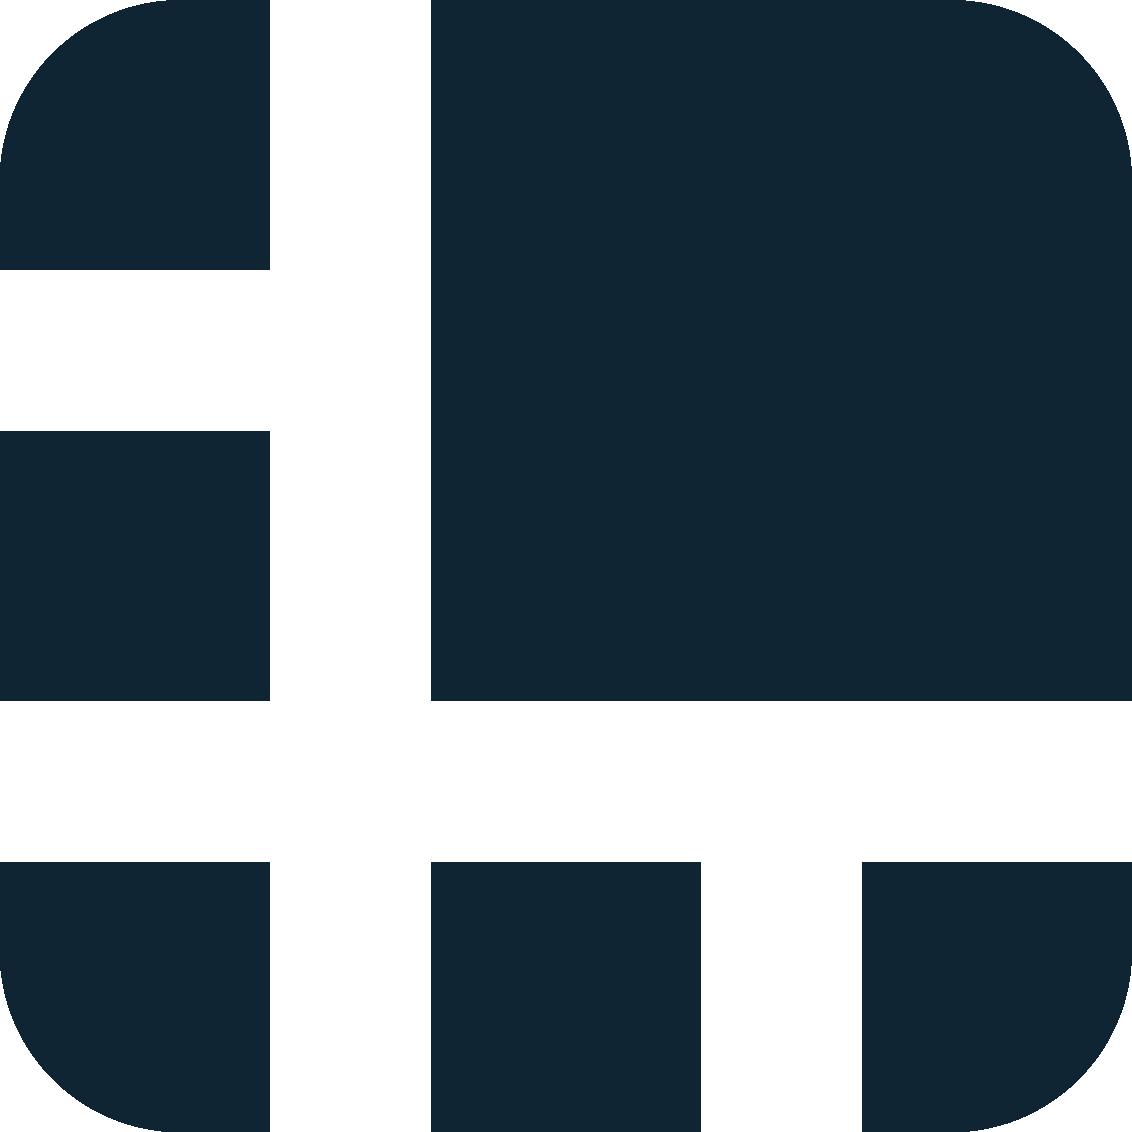 Ledger's logo